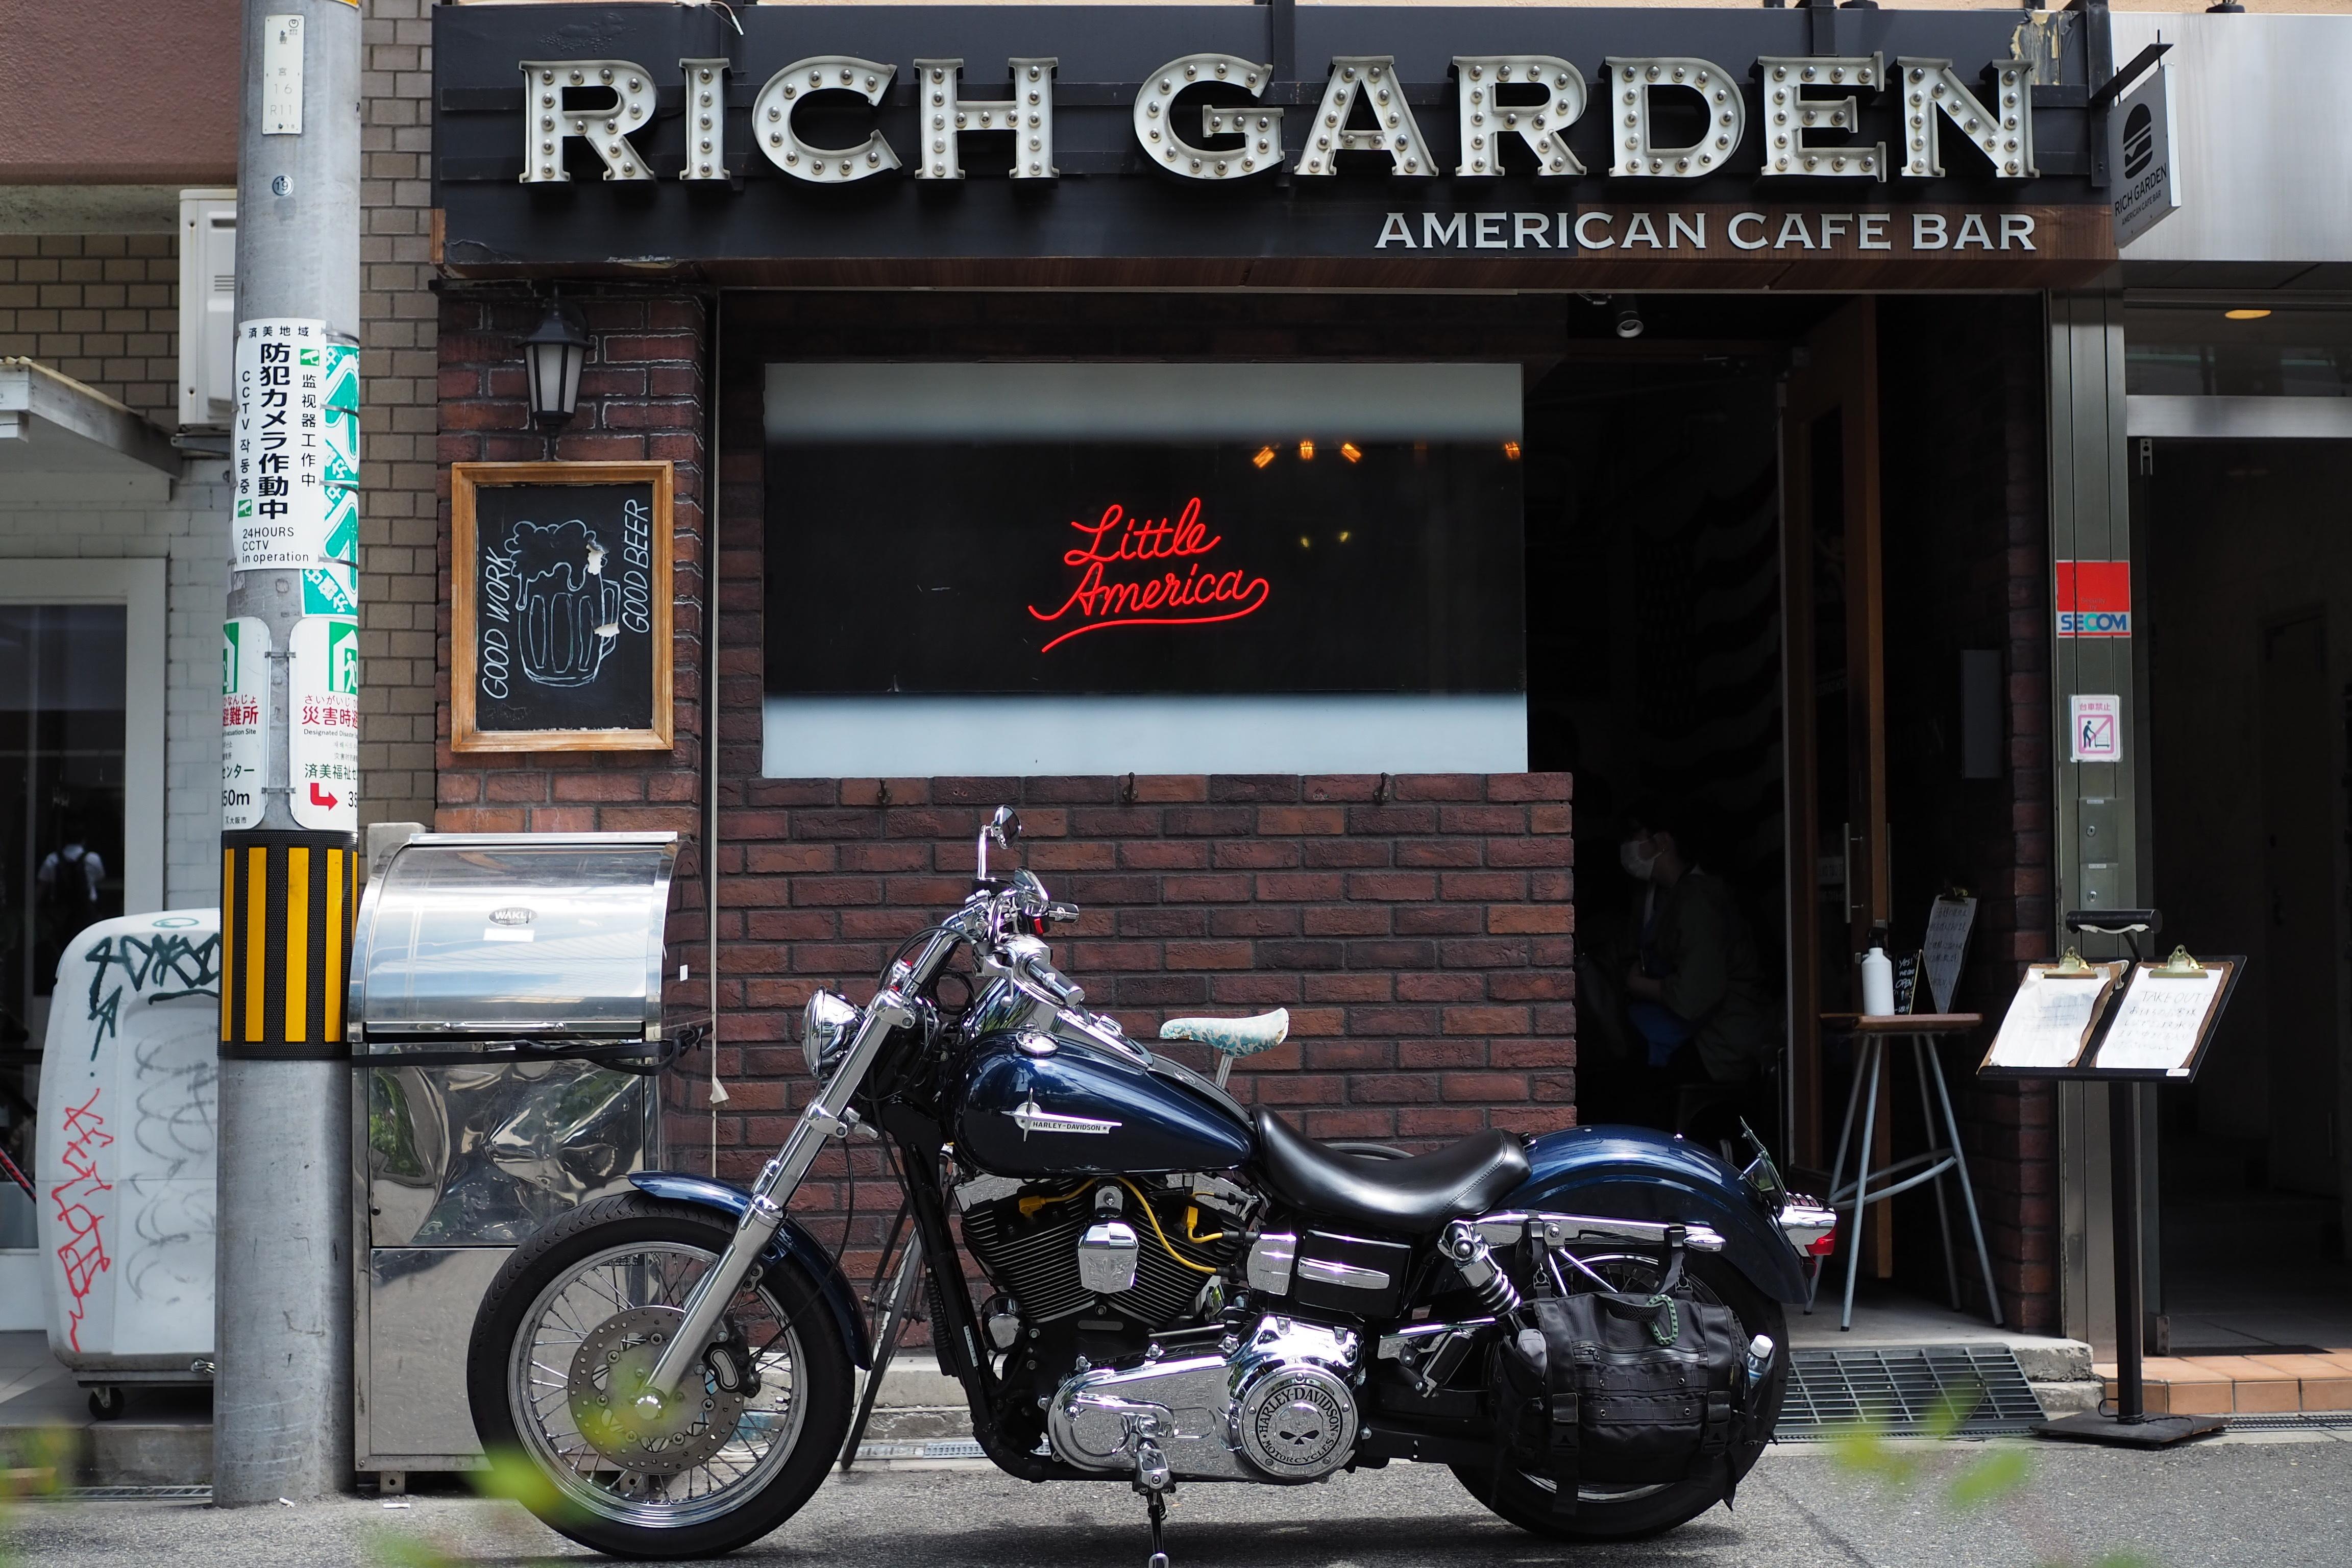 バーガーツーリング 大阪 北区 リッチバーガー 外観 店舗 ハーレー バイク アメリカン